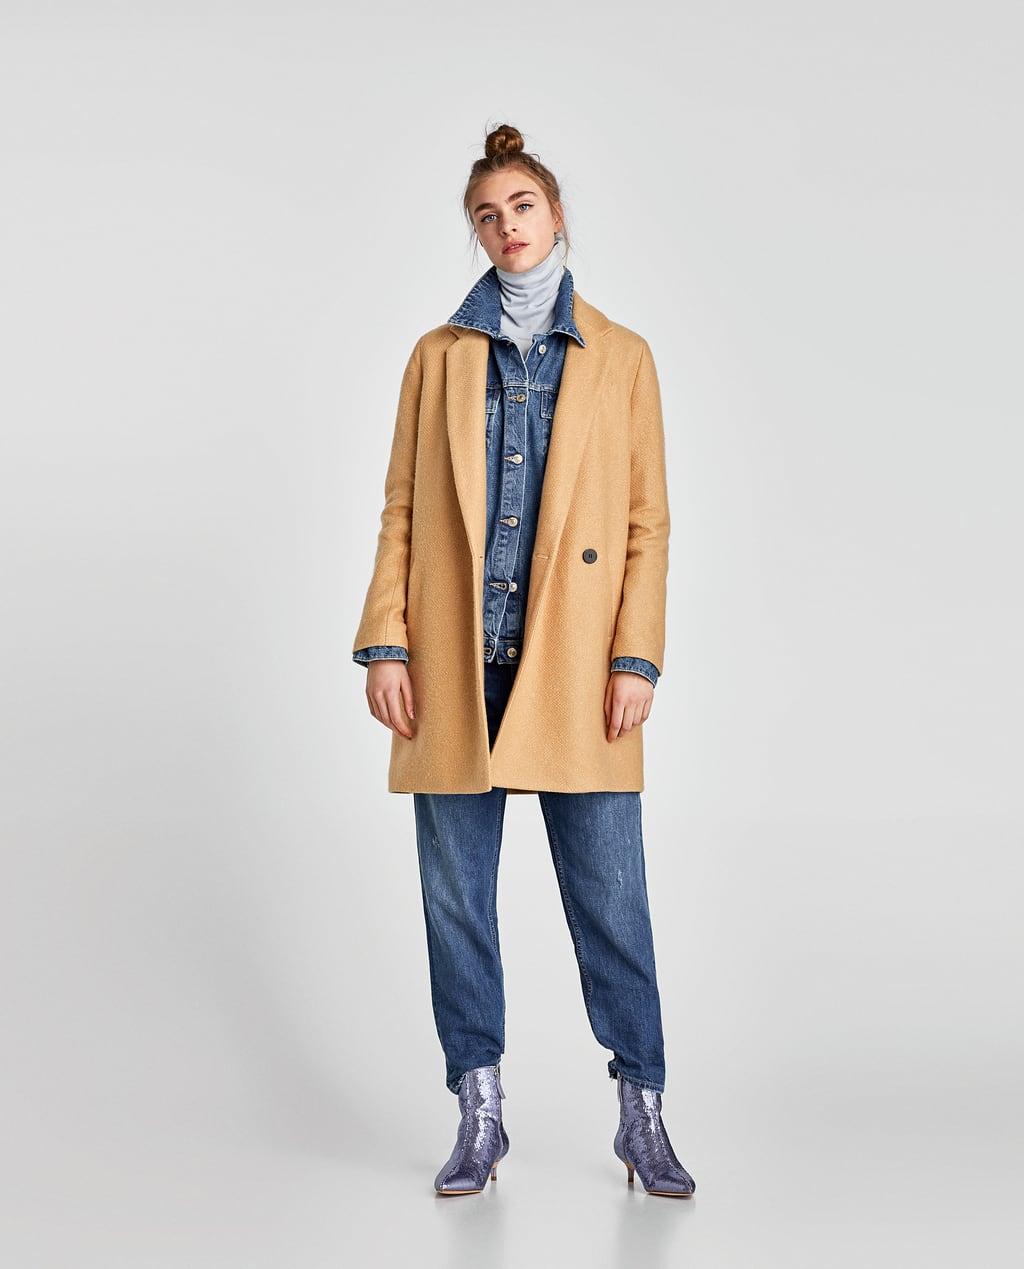 Zdjęcie 1 SOFT-FEEL DOUBLE-BREASTED COAT z Zara